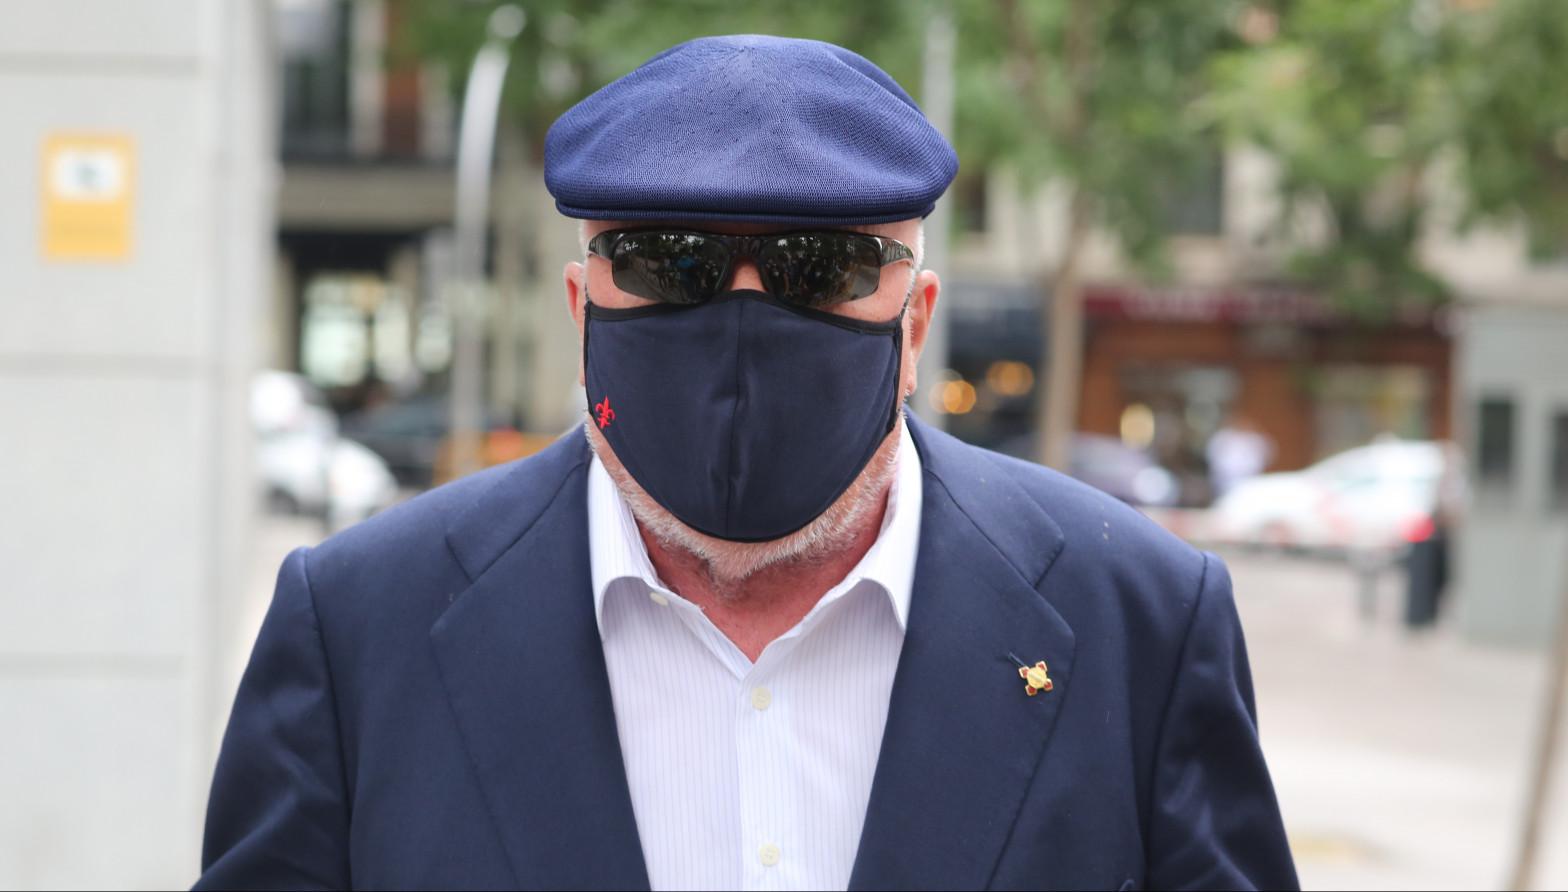 El juez rechaza devolver a Villarejo sus agendas y pide a la Policía verificar si se mensajeó con Rajoy